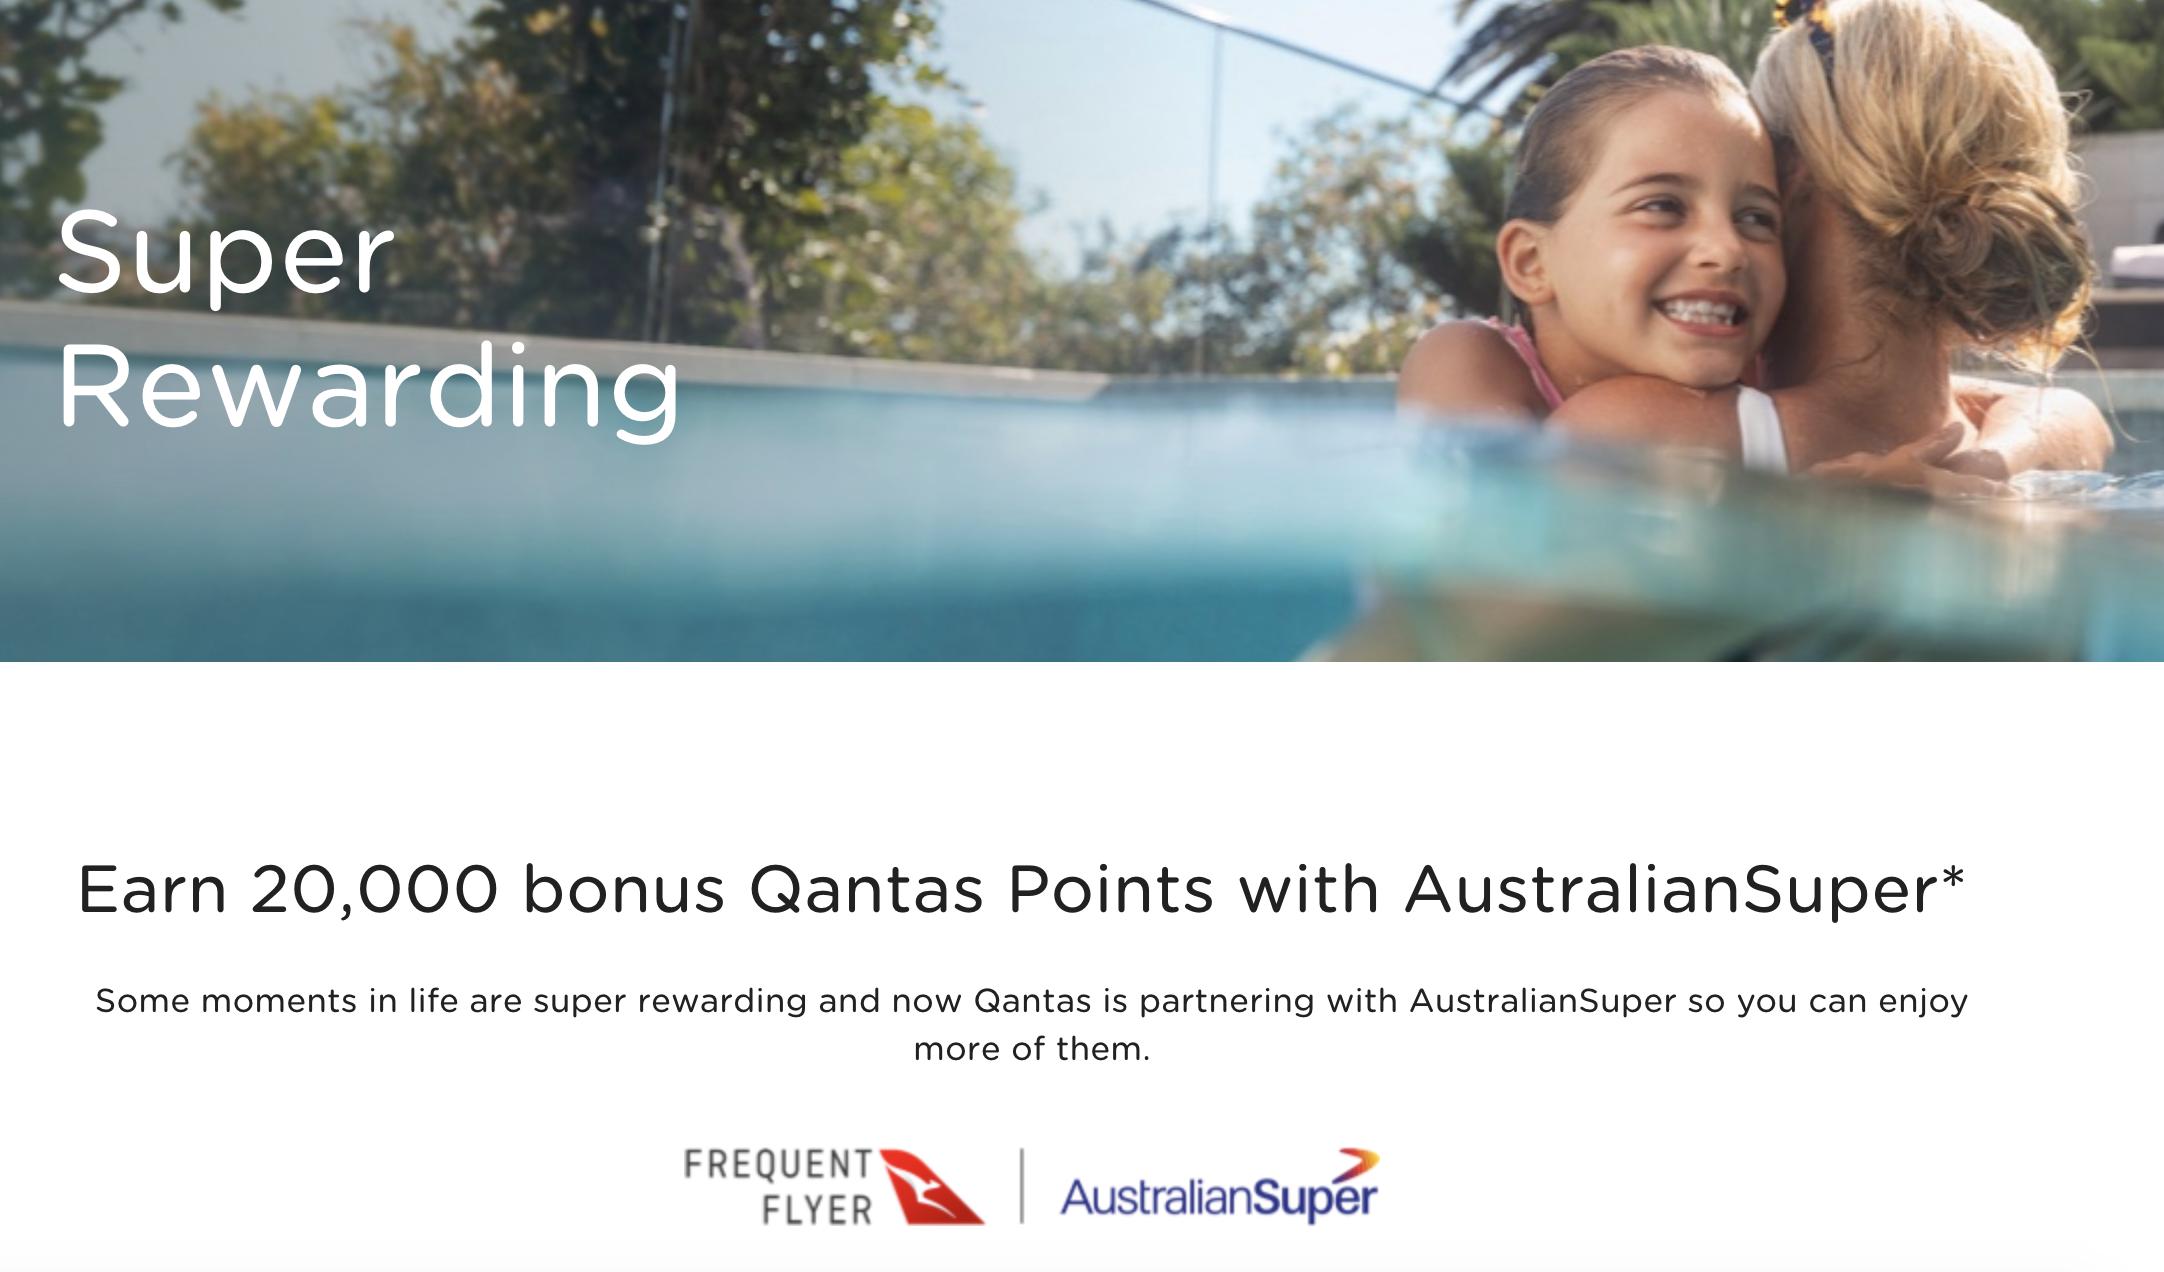 20,000 bonus Qantas Points with AustralianSuper